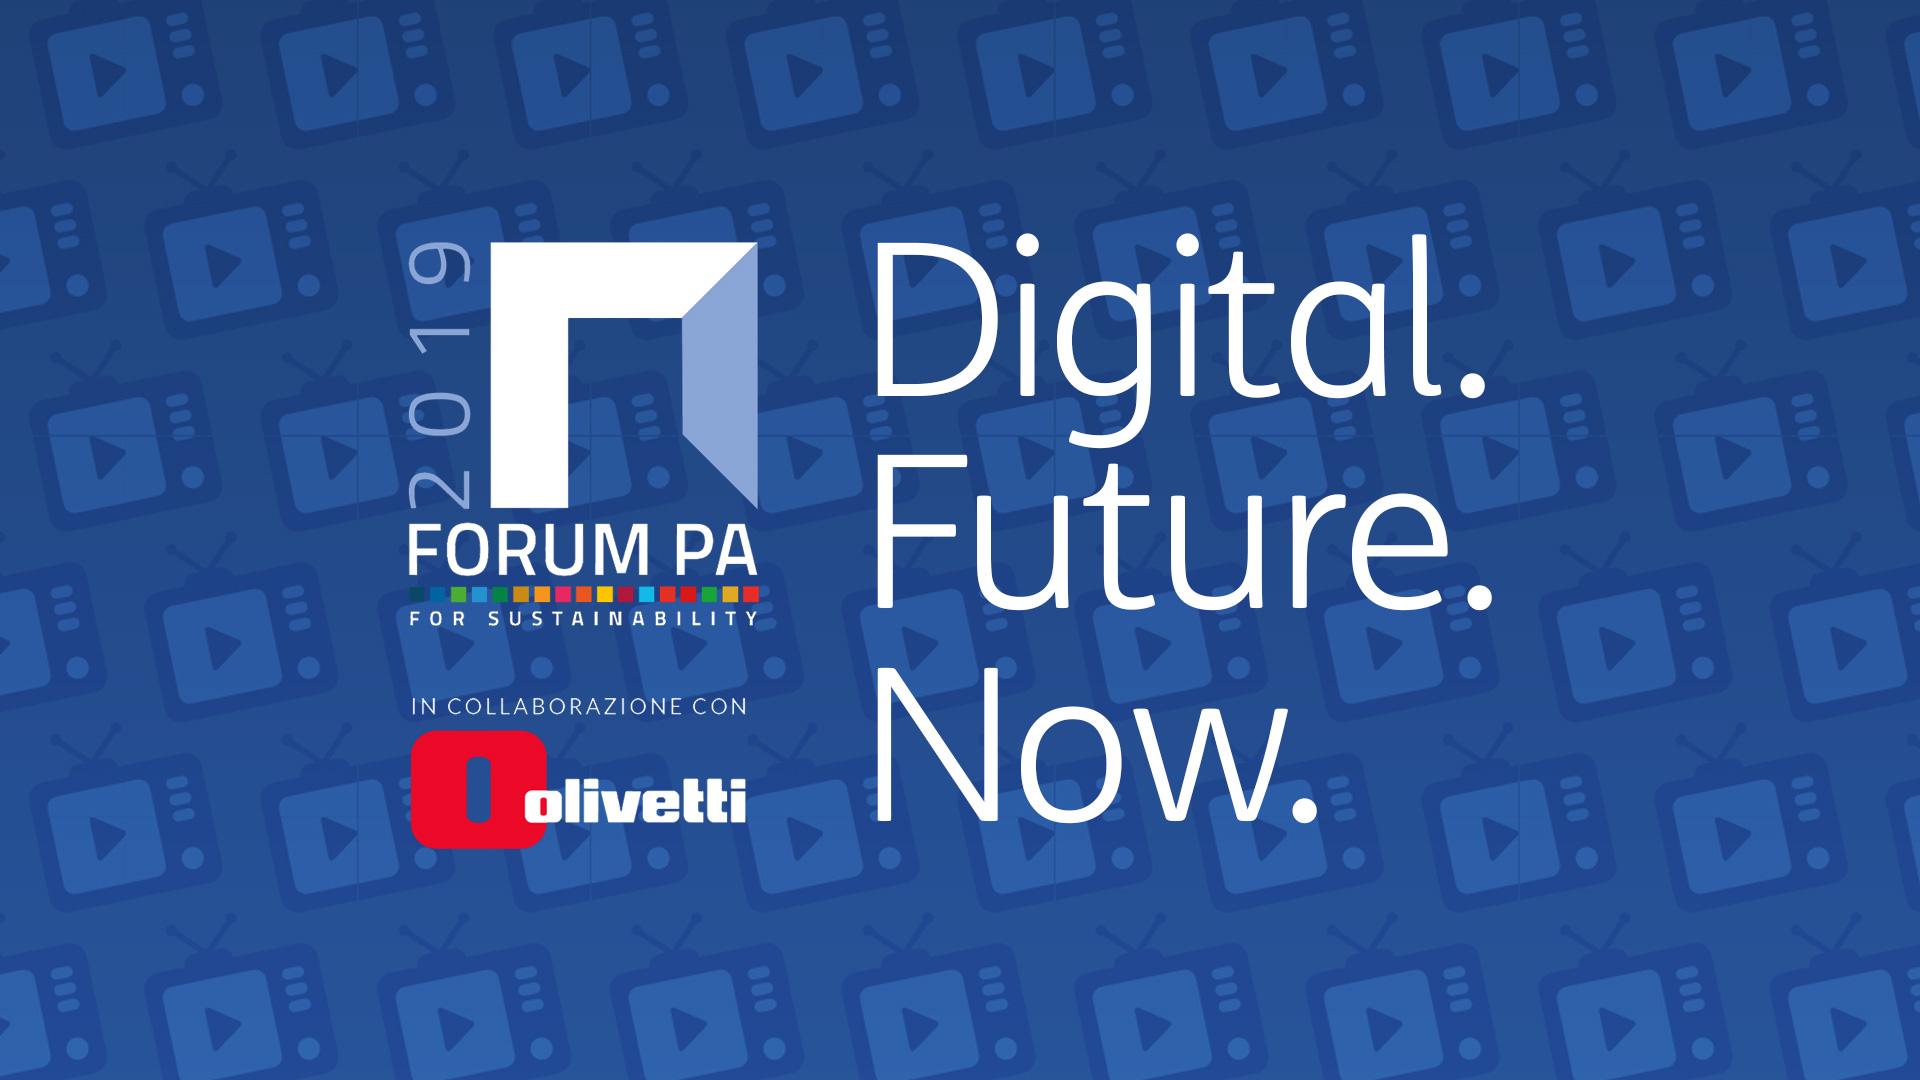 In diretta dagli STUDIOS FPA in collaborazione con Olivetti: ecco il palinsesto